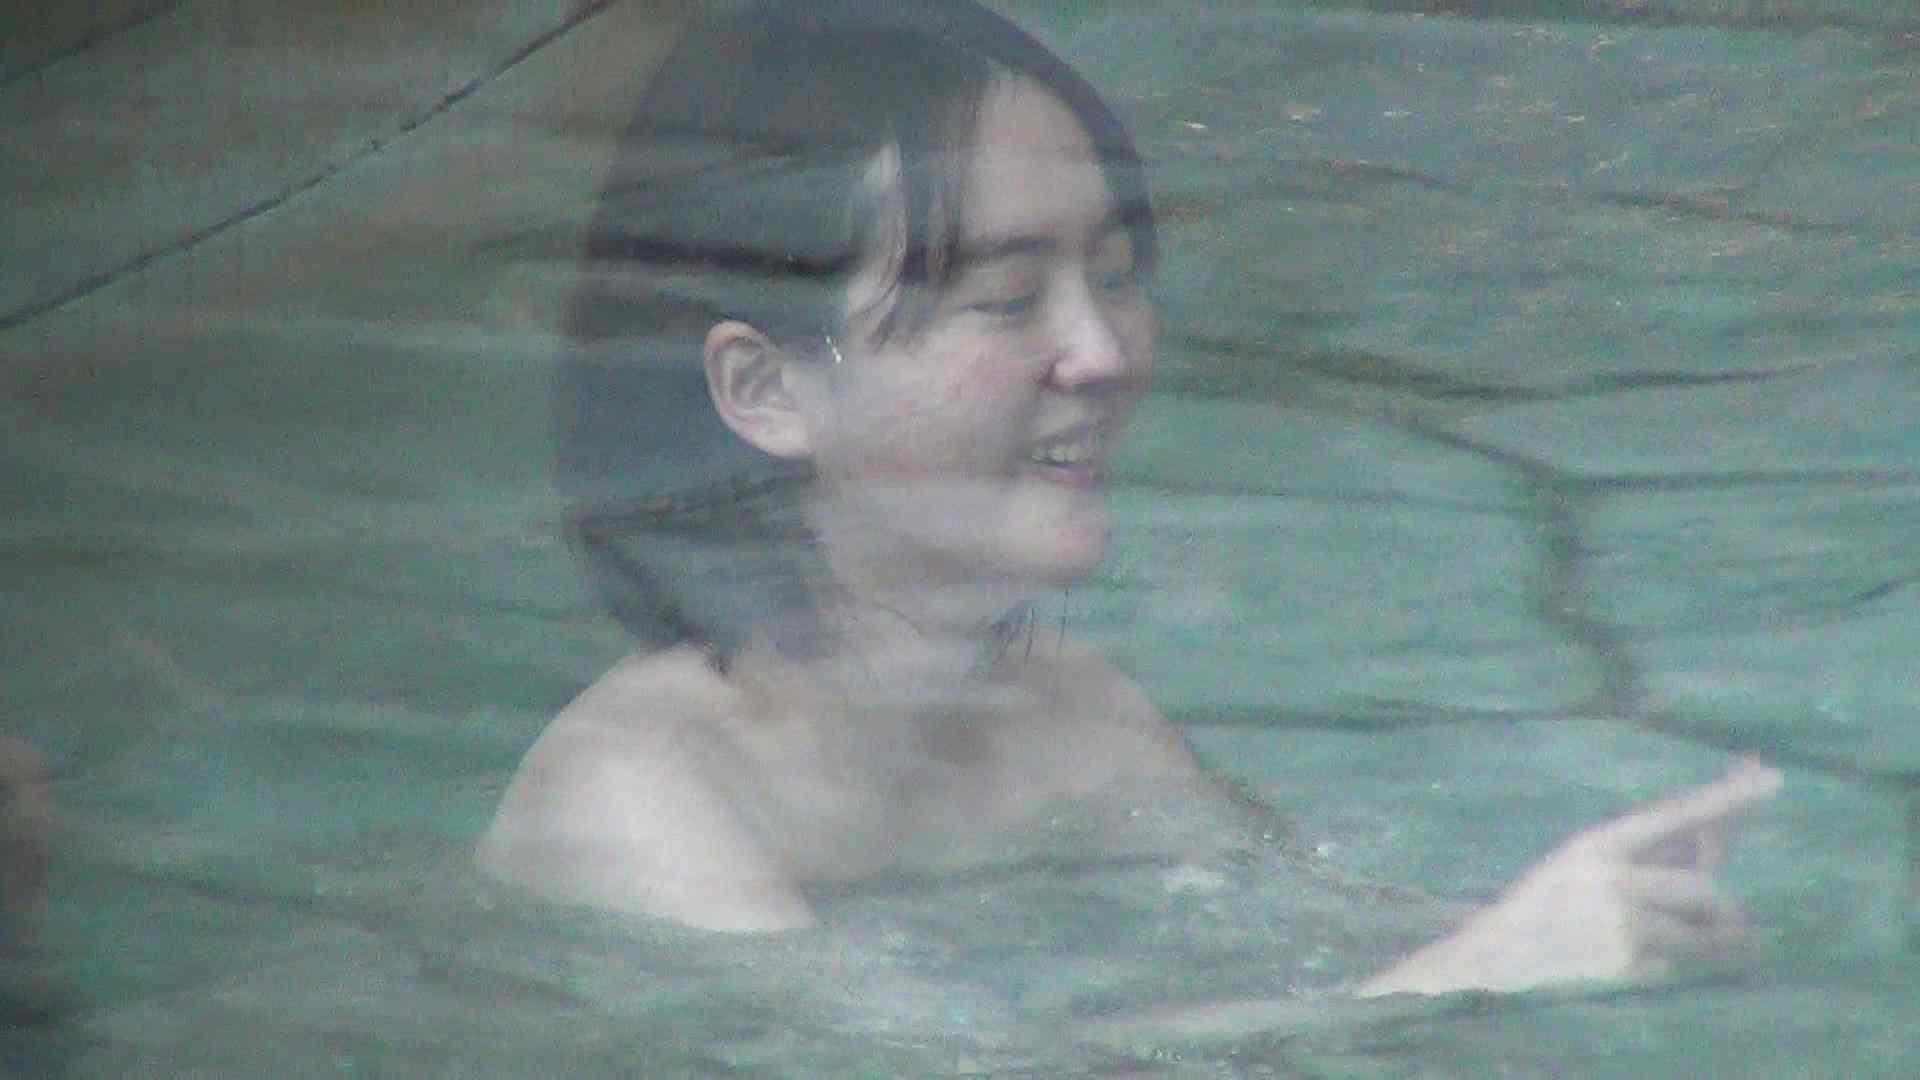 Aquaな露天風呂Vol.297 OLエロ画像 | 盗撮  99PICs 88